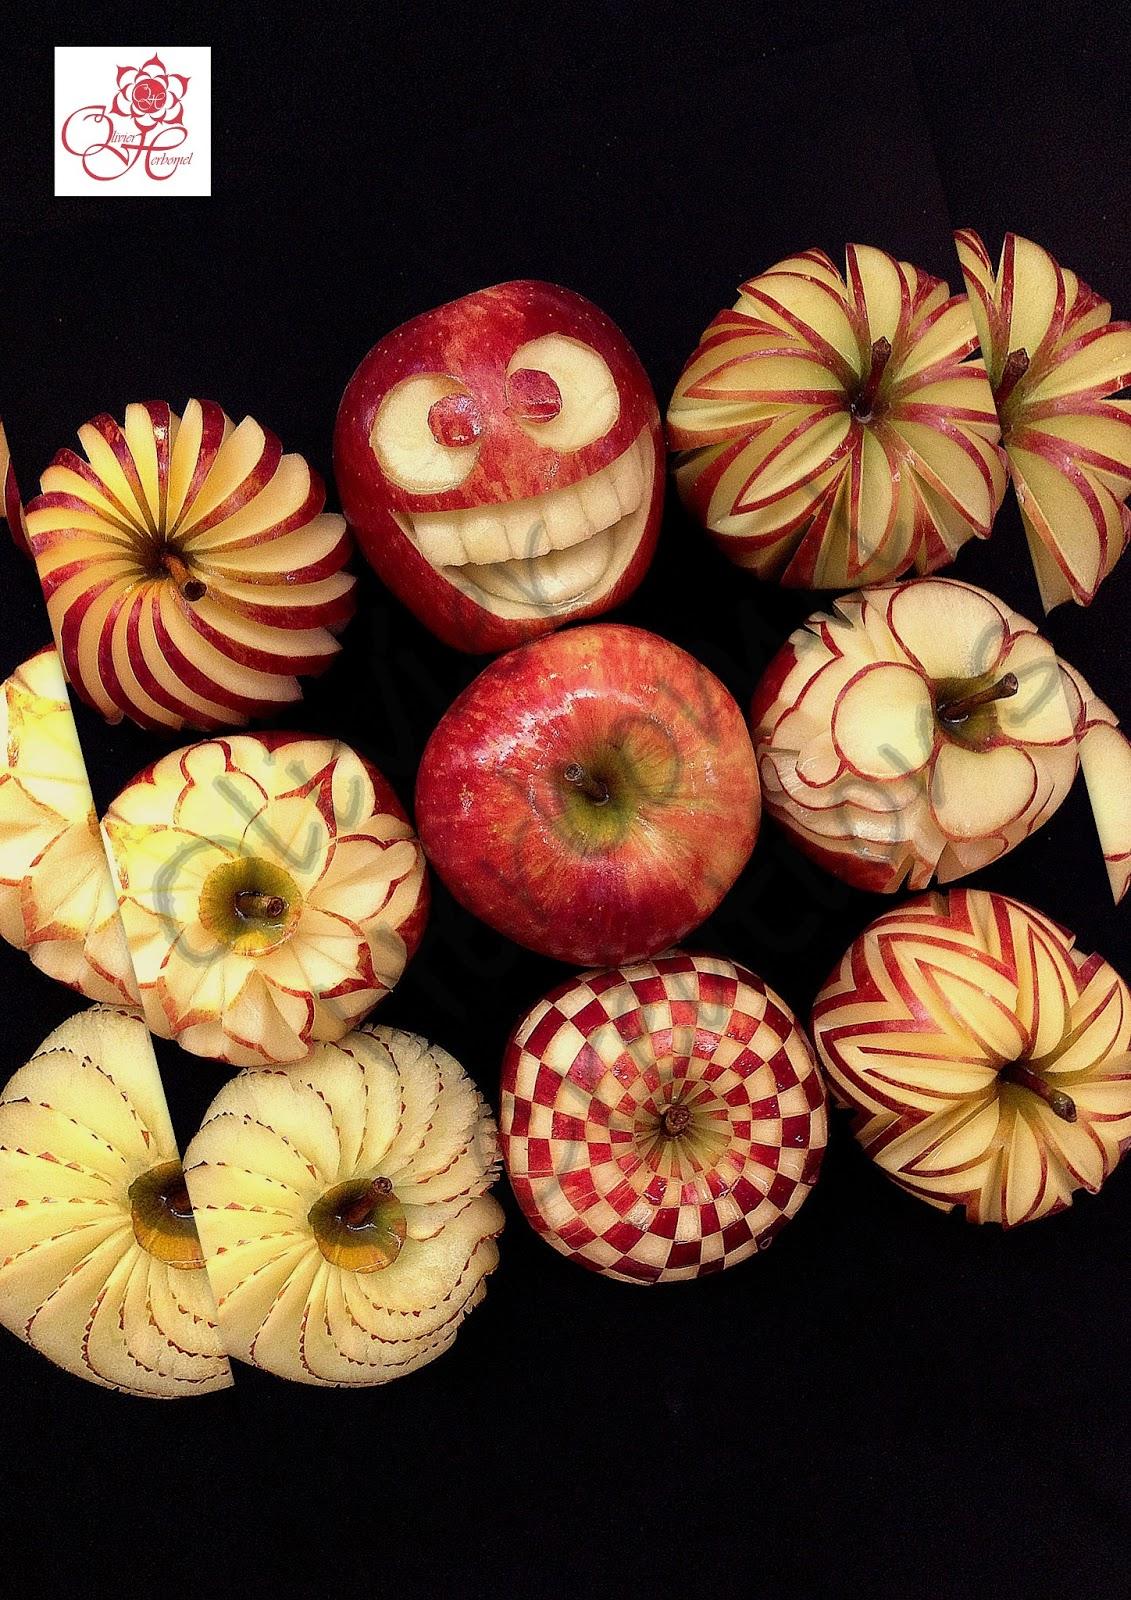 Olivier herbomel sculpteur sur fruits et l gumes fruit and vegetable carving art - Sculpture sur fruit ...